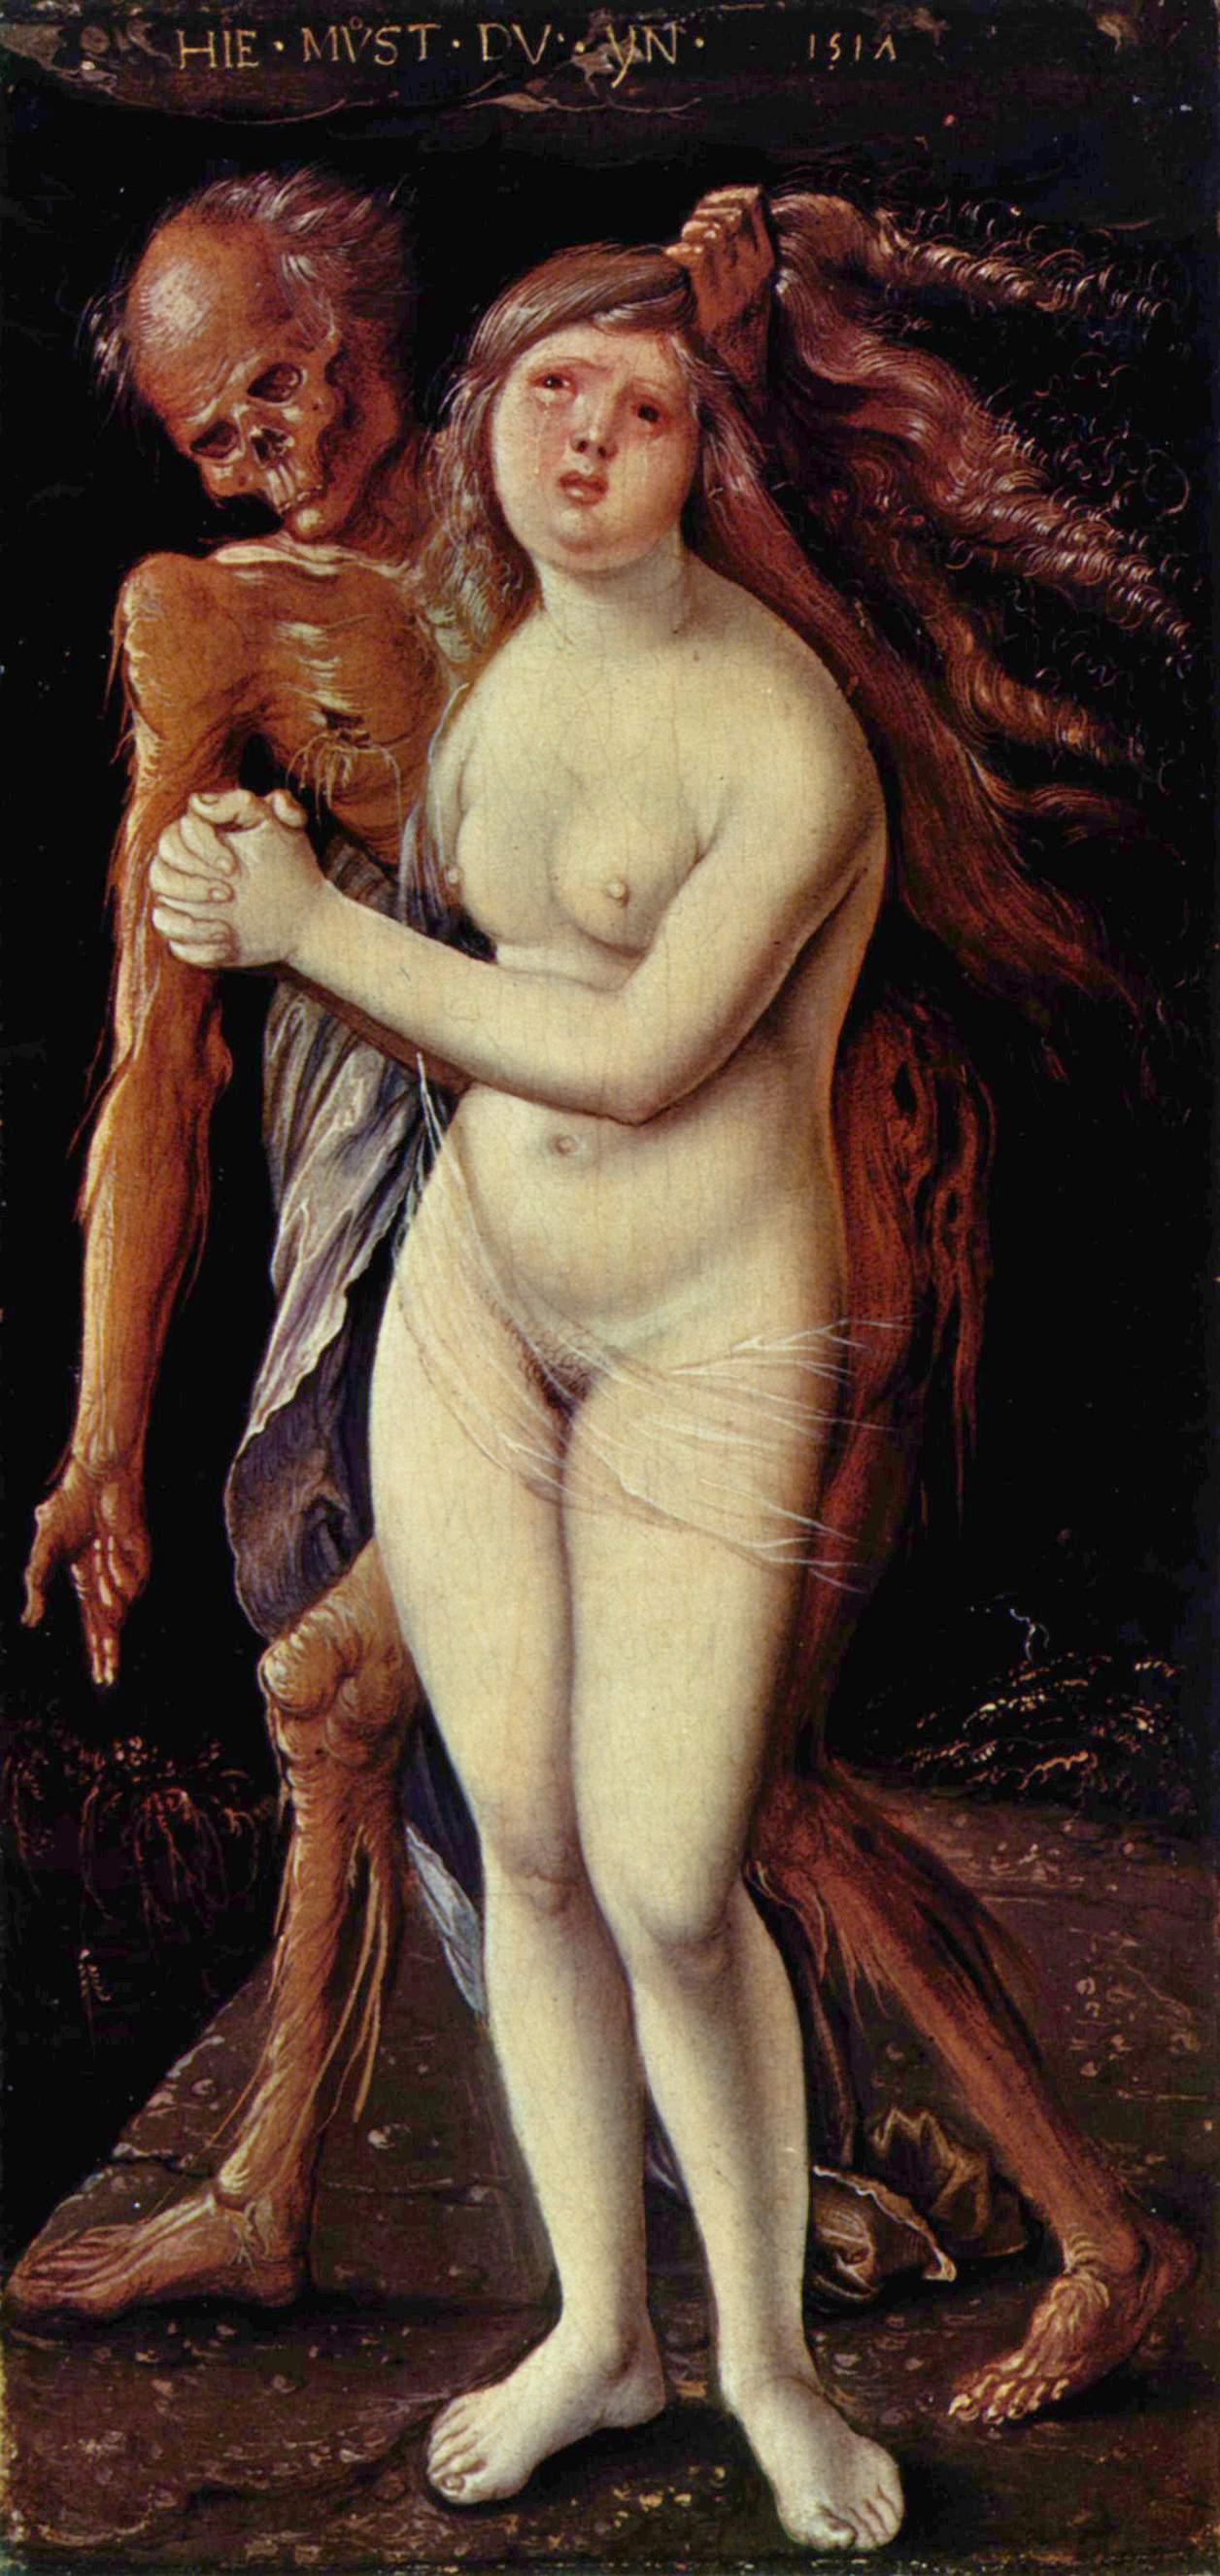 Hans Baldung Grien, Der Tod und das Mädchen (1517)